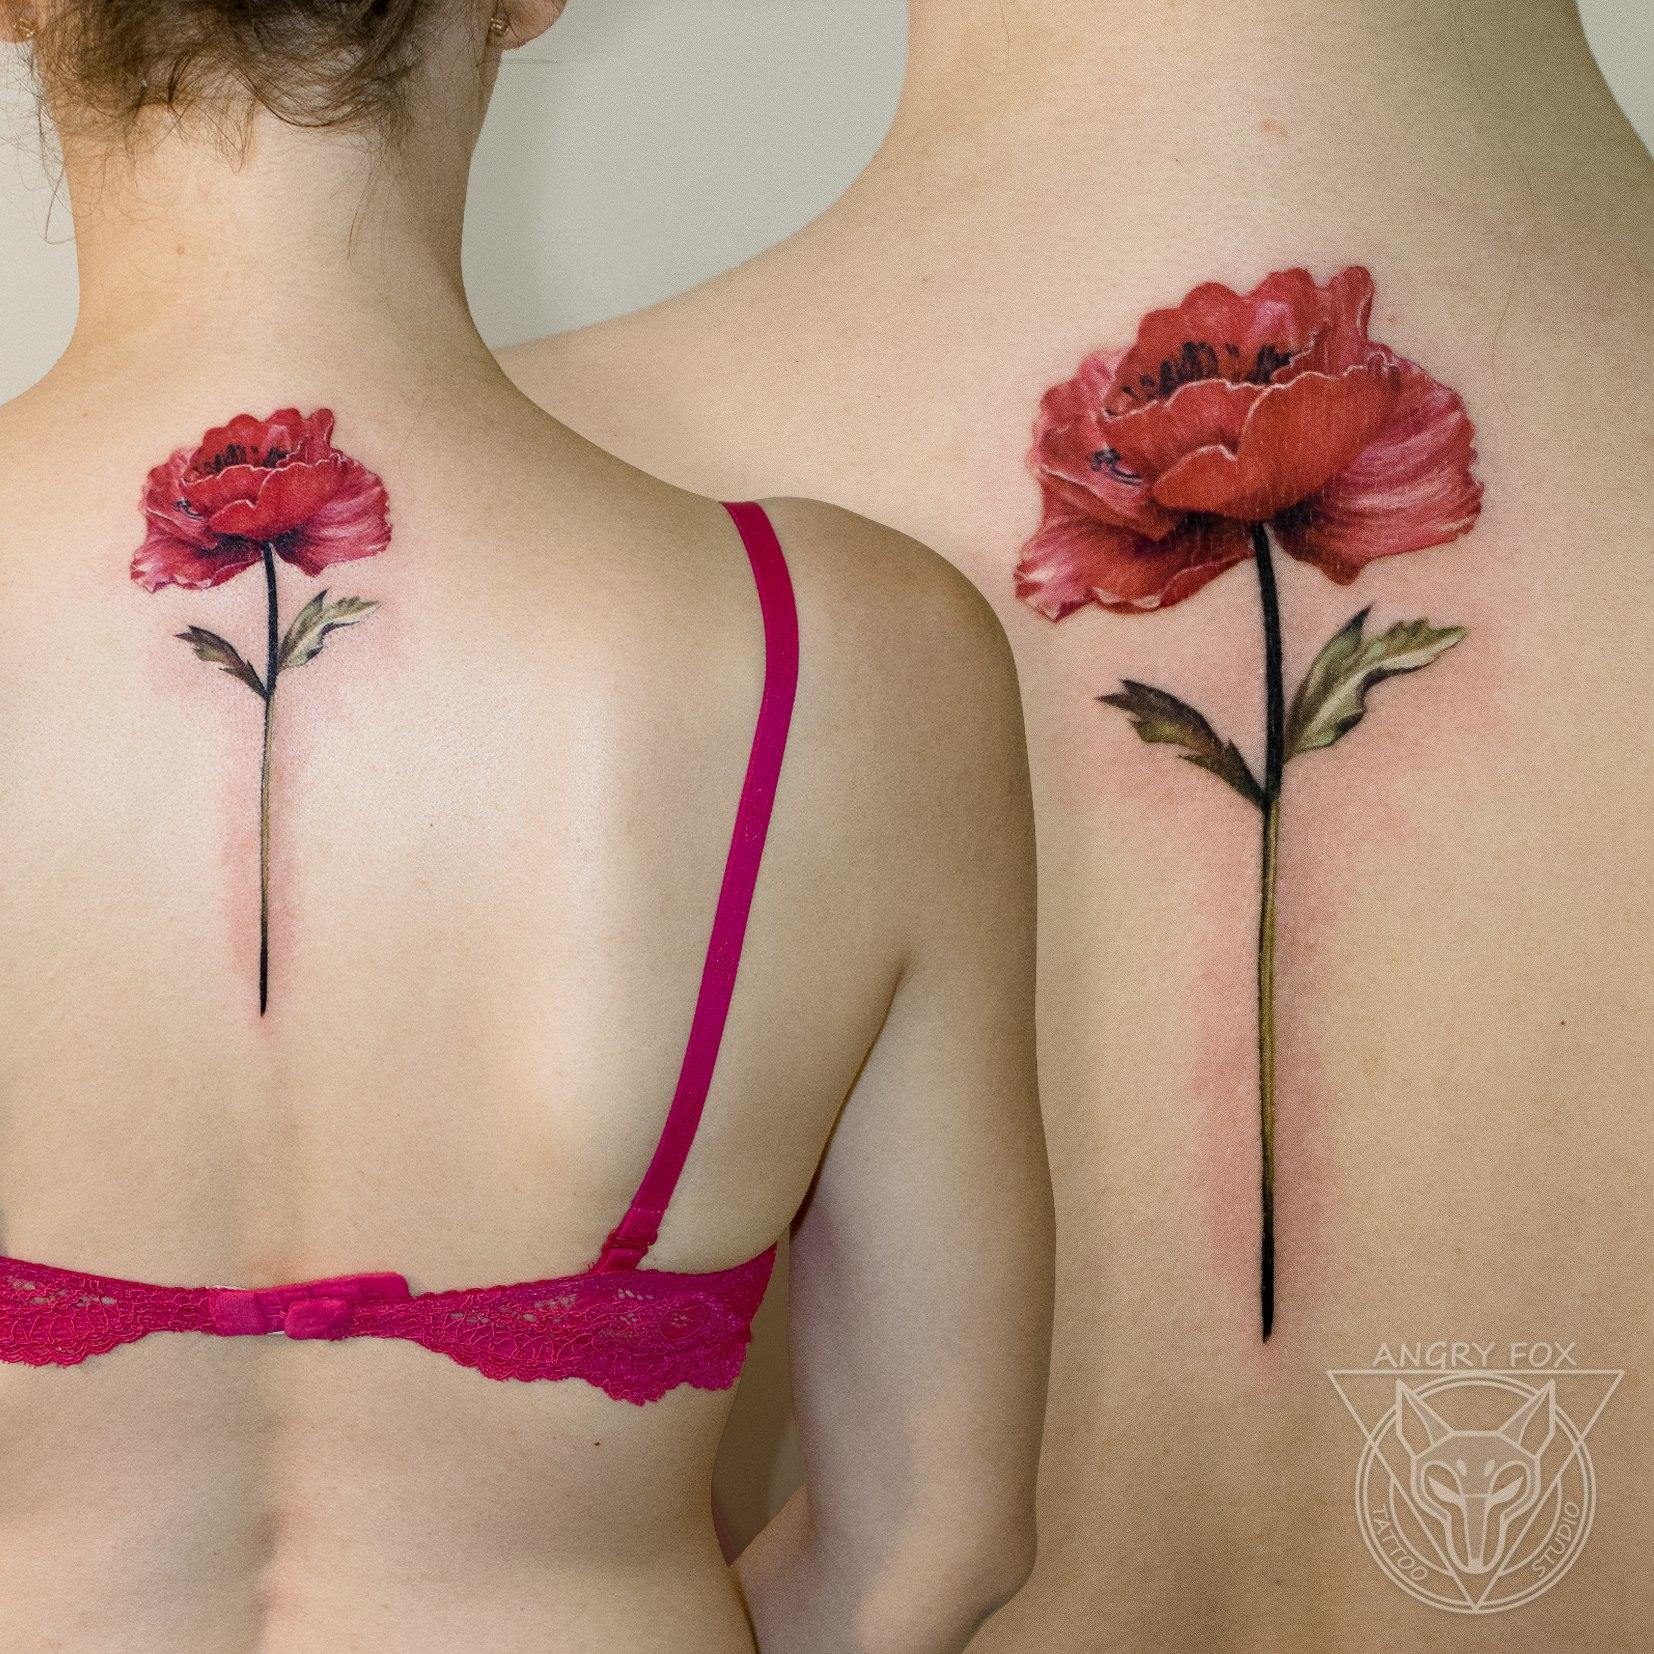 татуировка, тату, девушка, спина, цветок, мак, листья, реализм